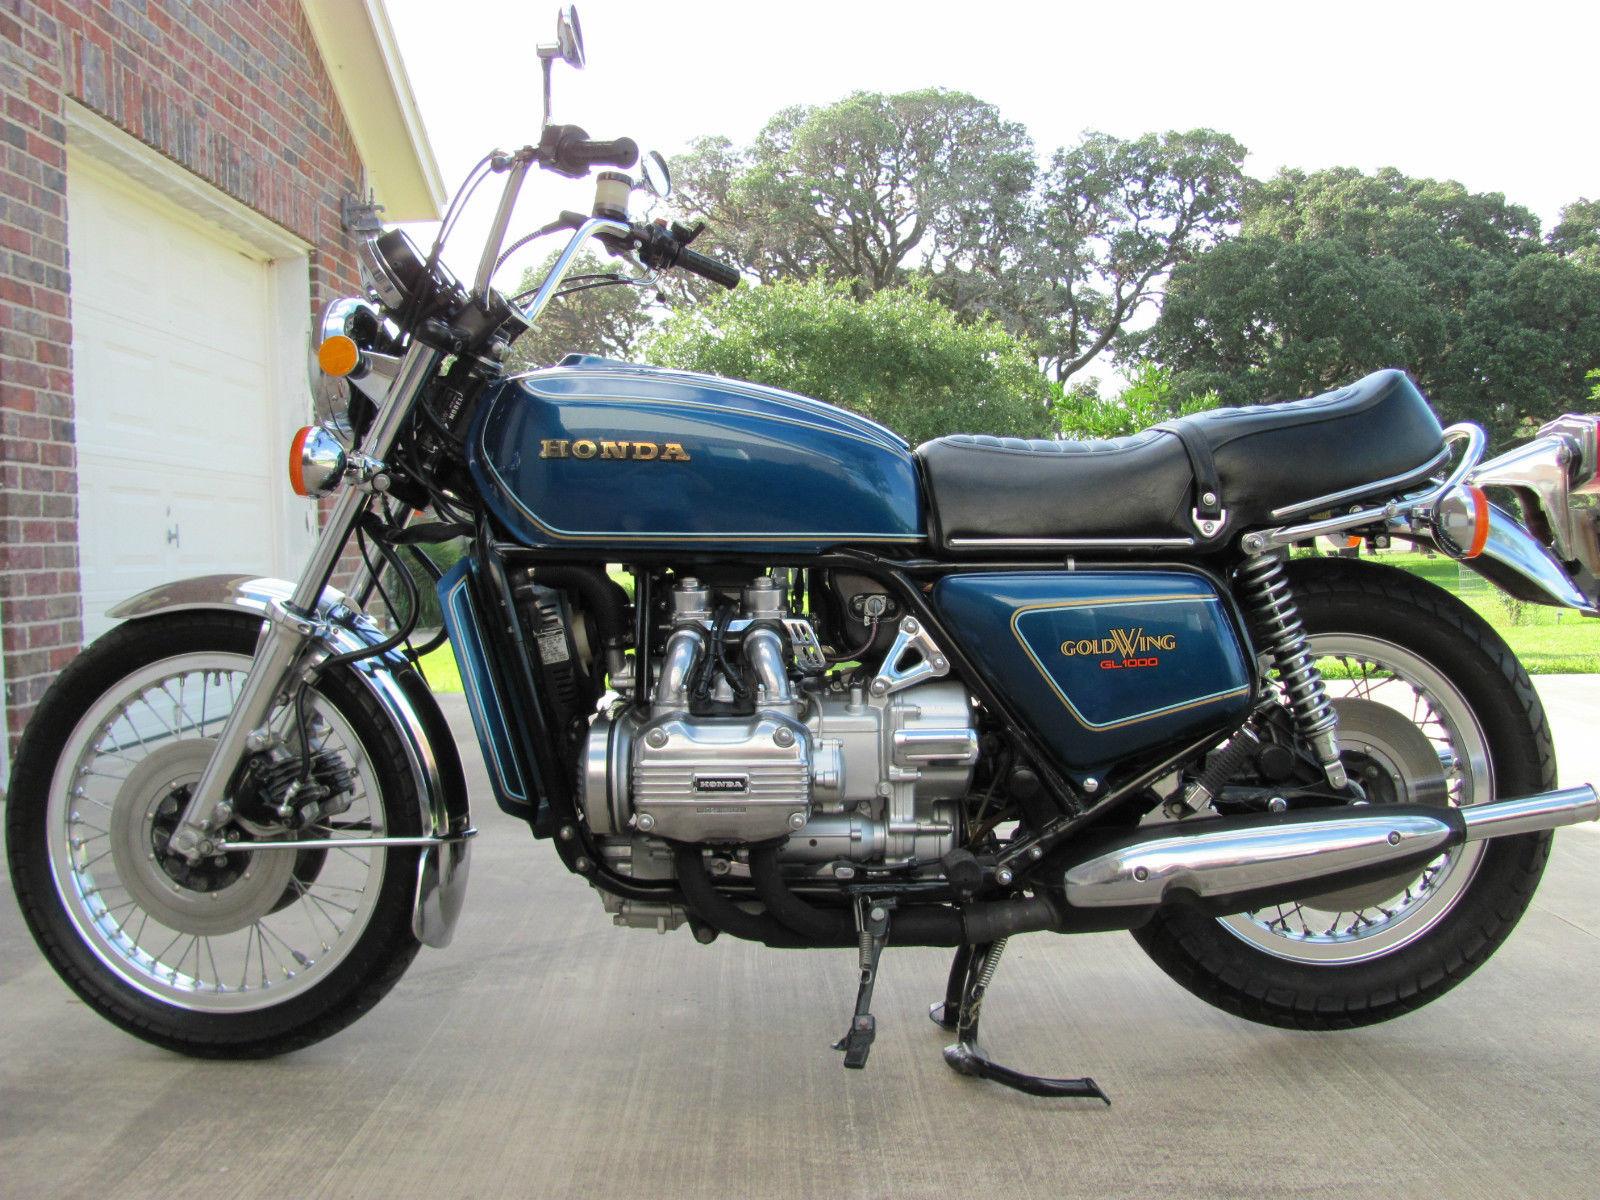 Honda Goldwing - 1977